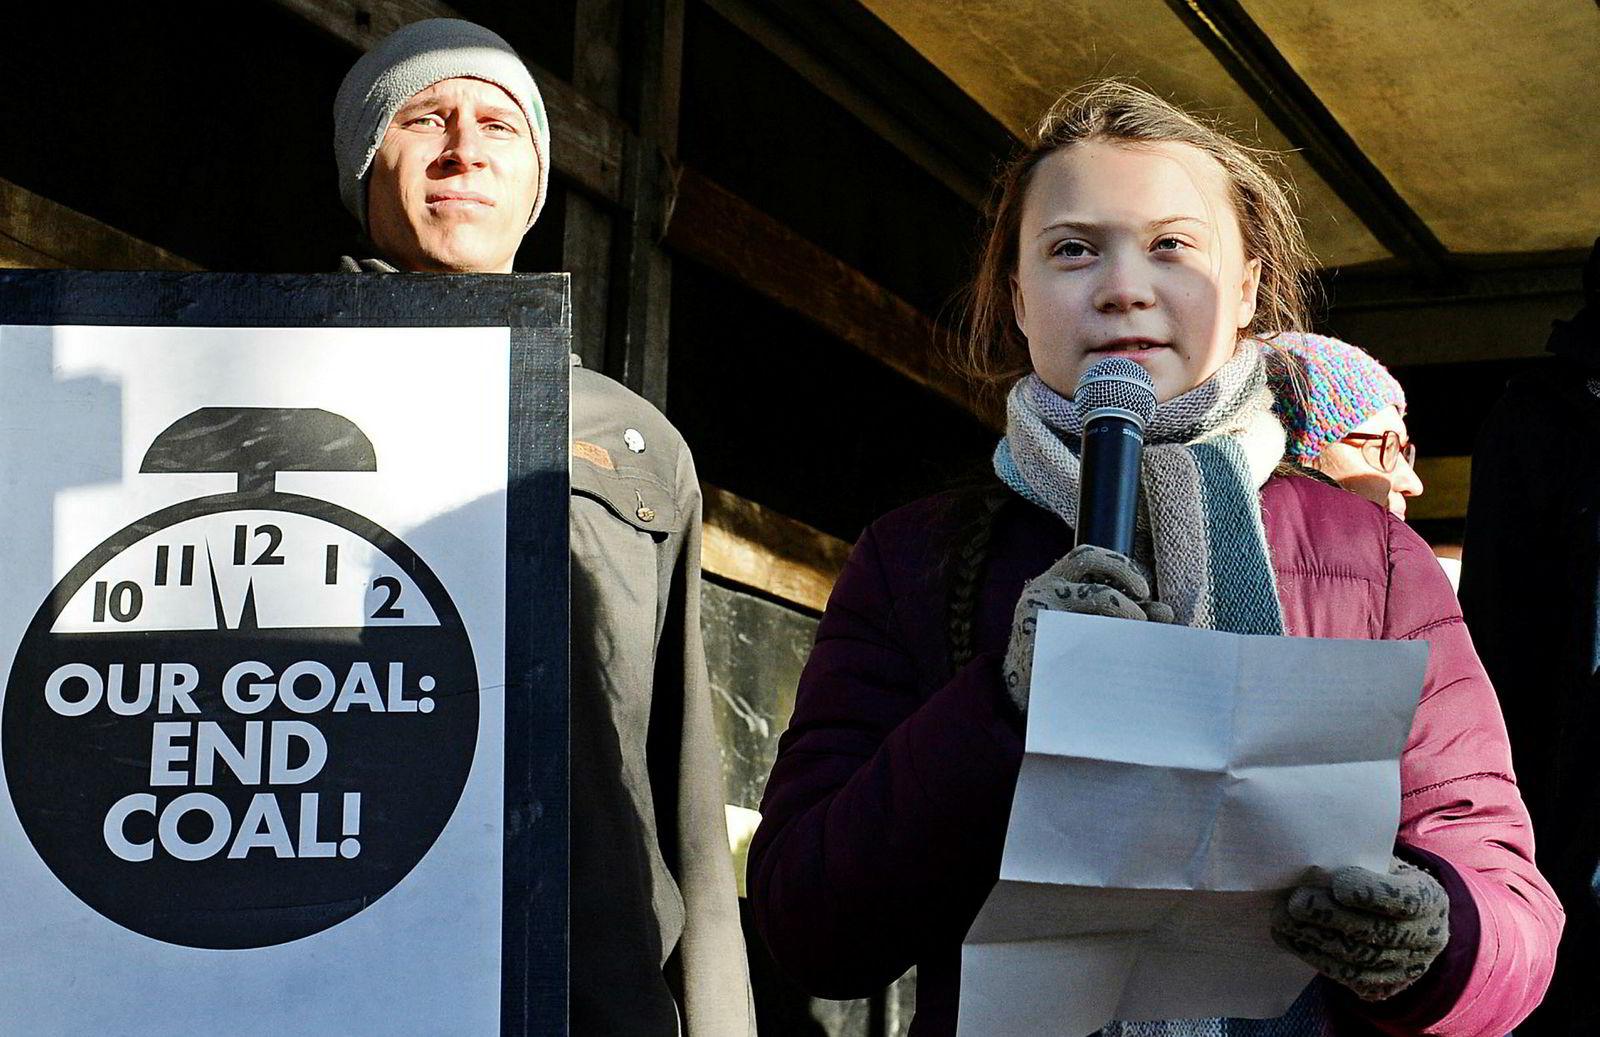 16 år gamle Greta Thunberg har det siste året klart å sette klimakamp på den globale dagsorden.